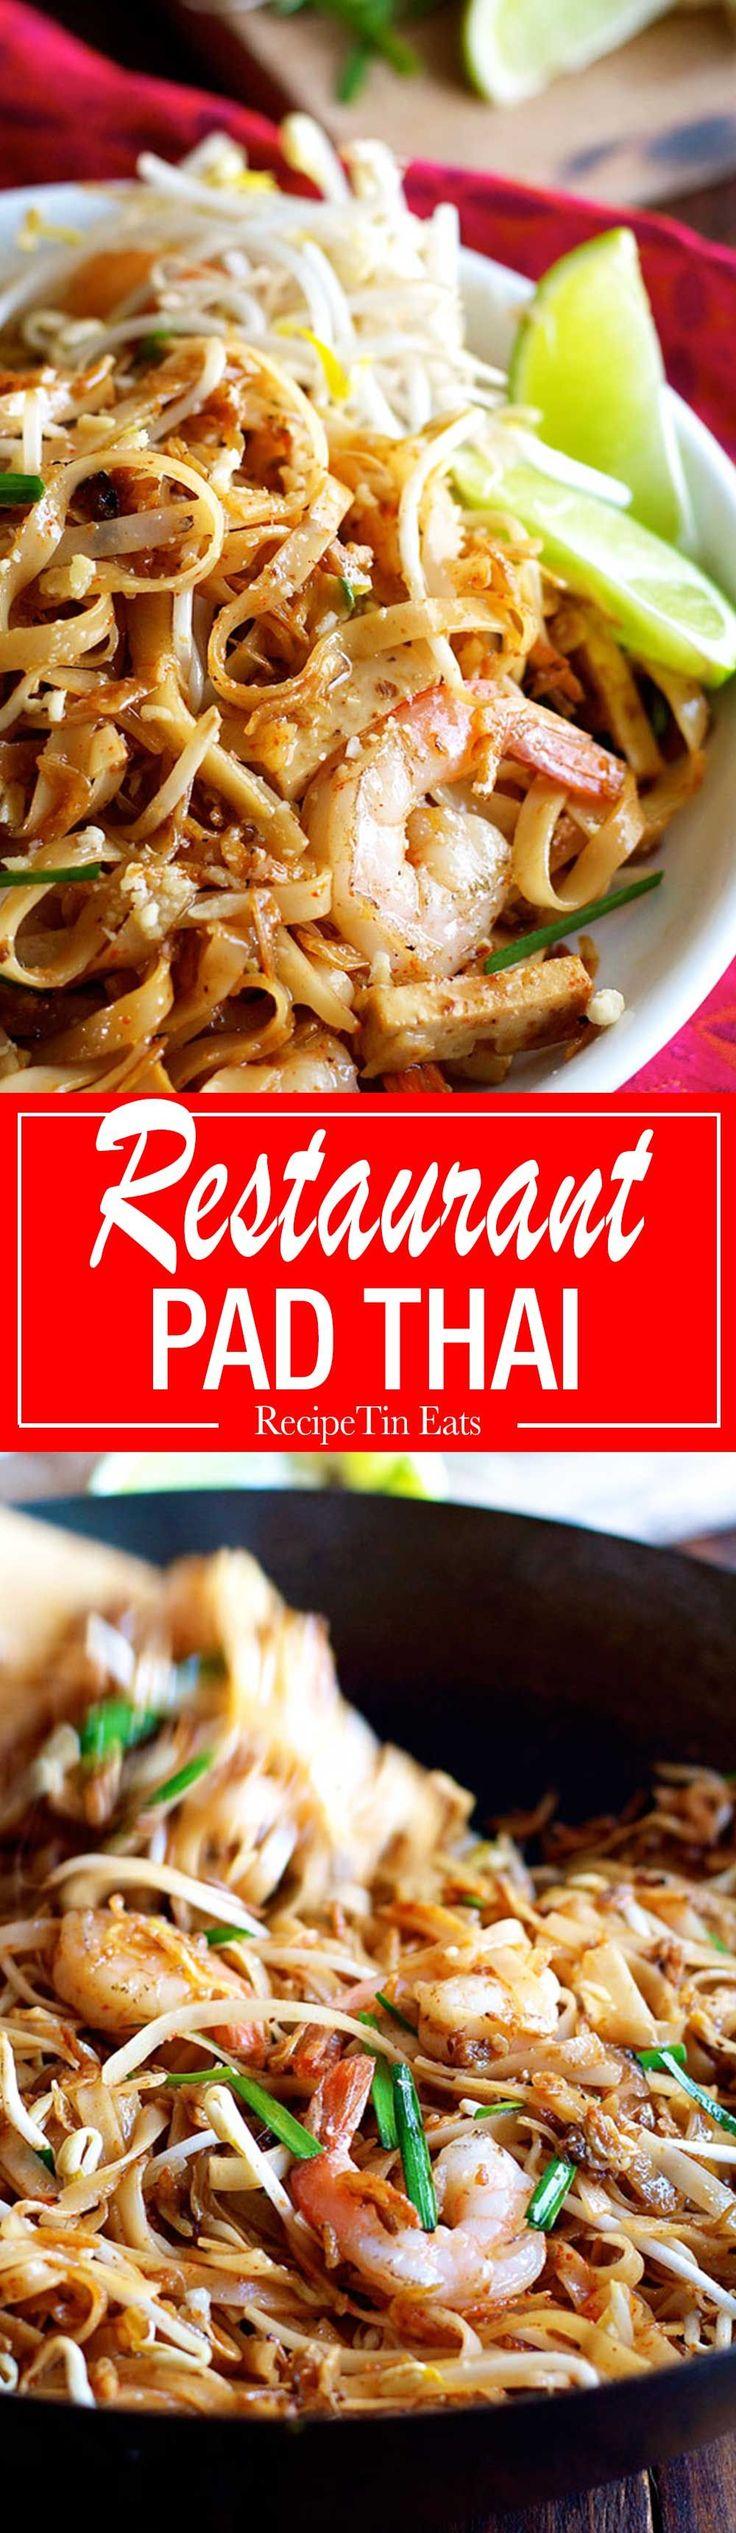 Finalement!  Une recette Pad Thai qui goûte EFFECTIVEMENT comme ce que vous obtenez dans les restaurants!  Sooooo bon, tout le monde se moquait de cette terre!